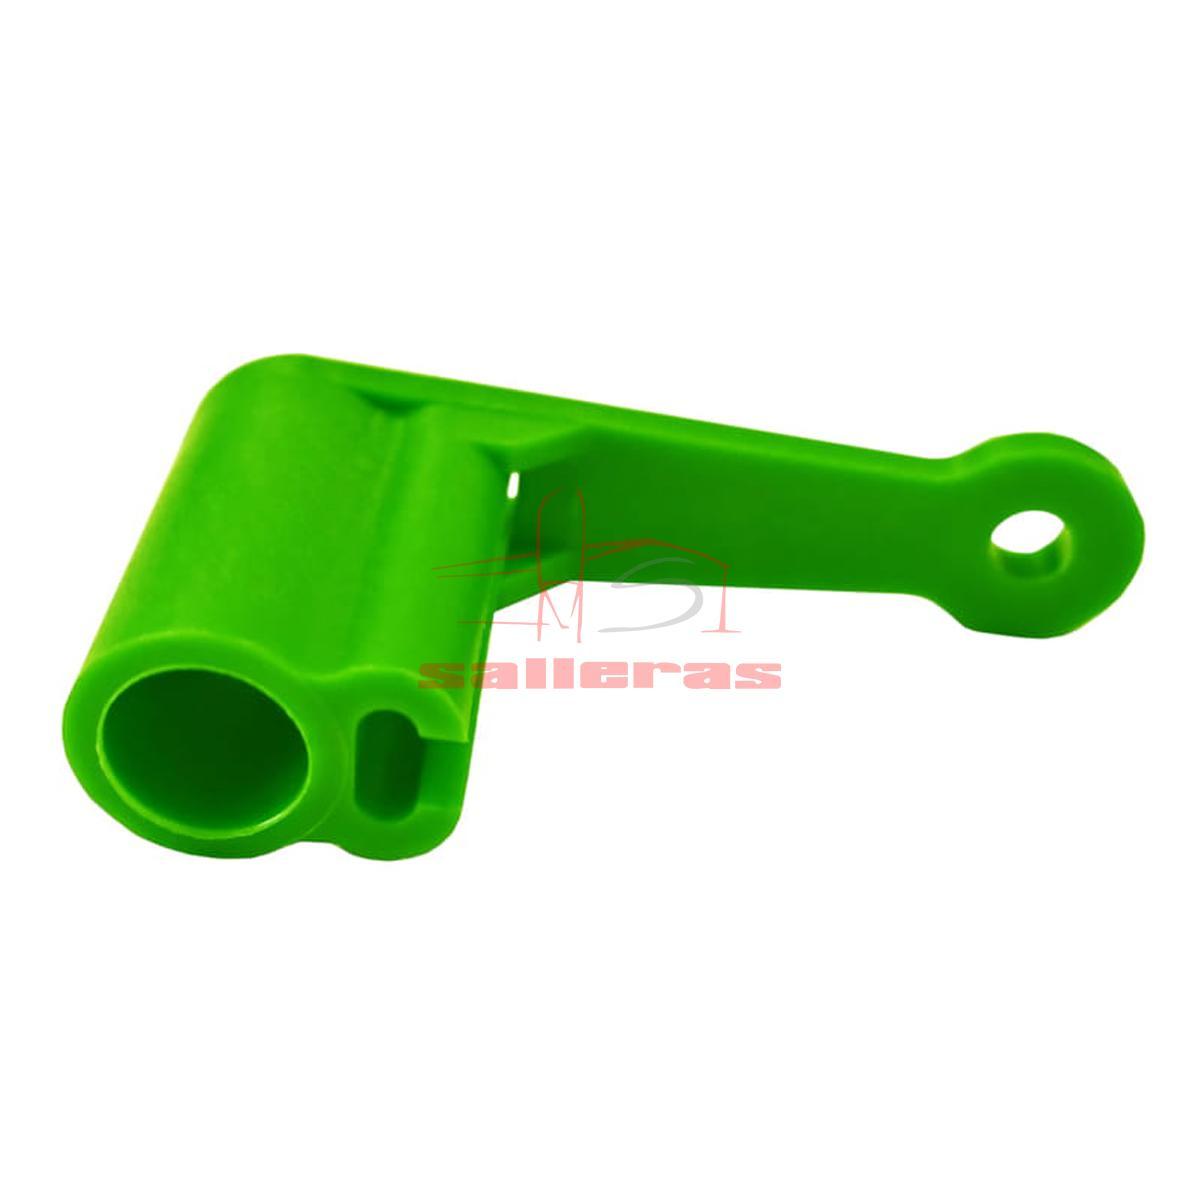 Dos manetas verdes de descarga para dosificador Clutch